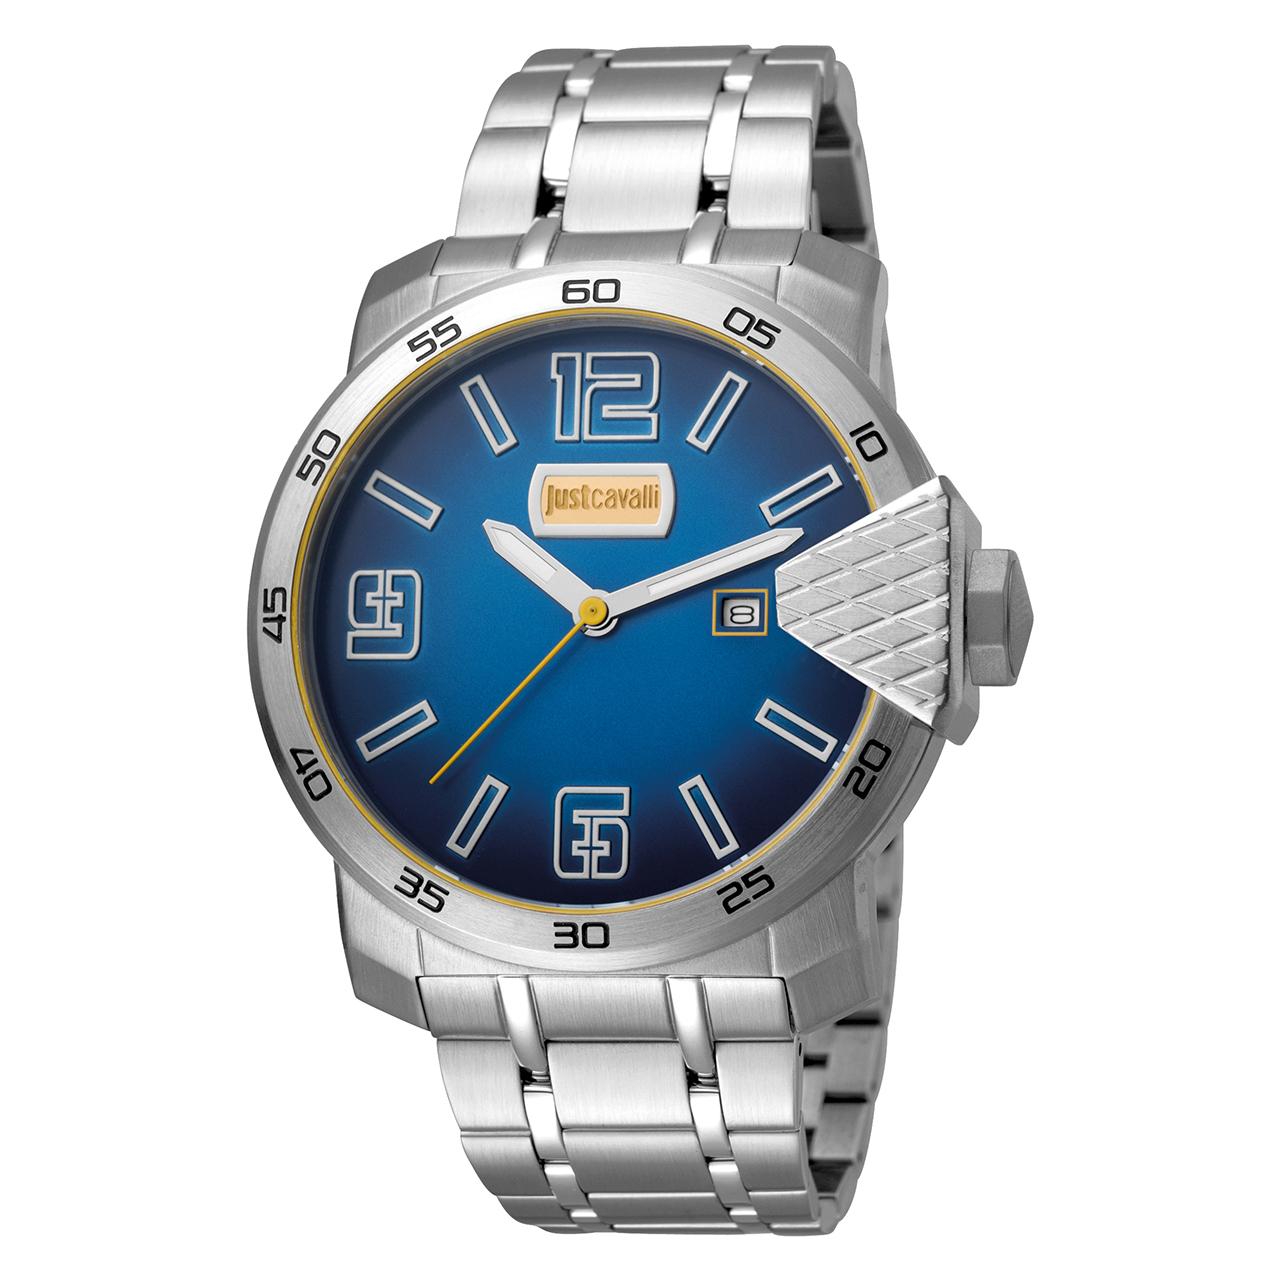 ساعت مچی عقربه ای مردانه جاست کاوالی مدل JC1G015M0085